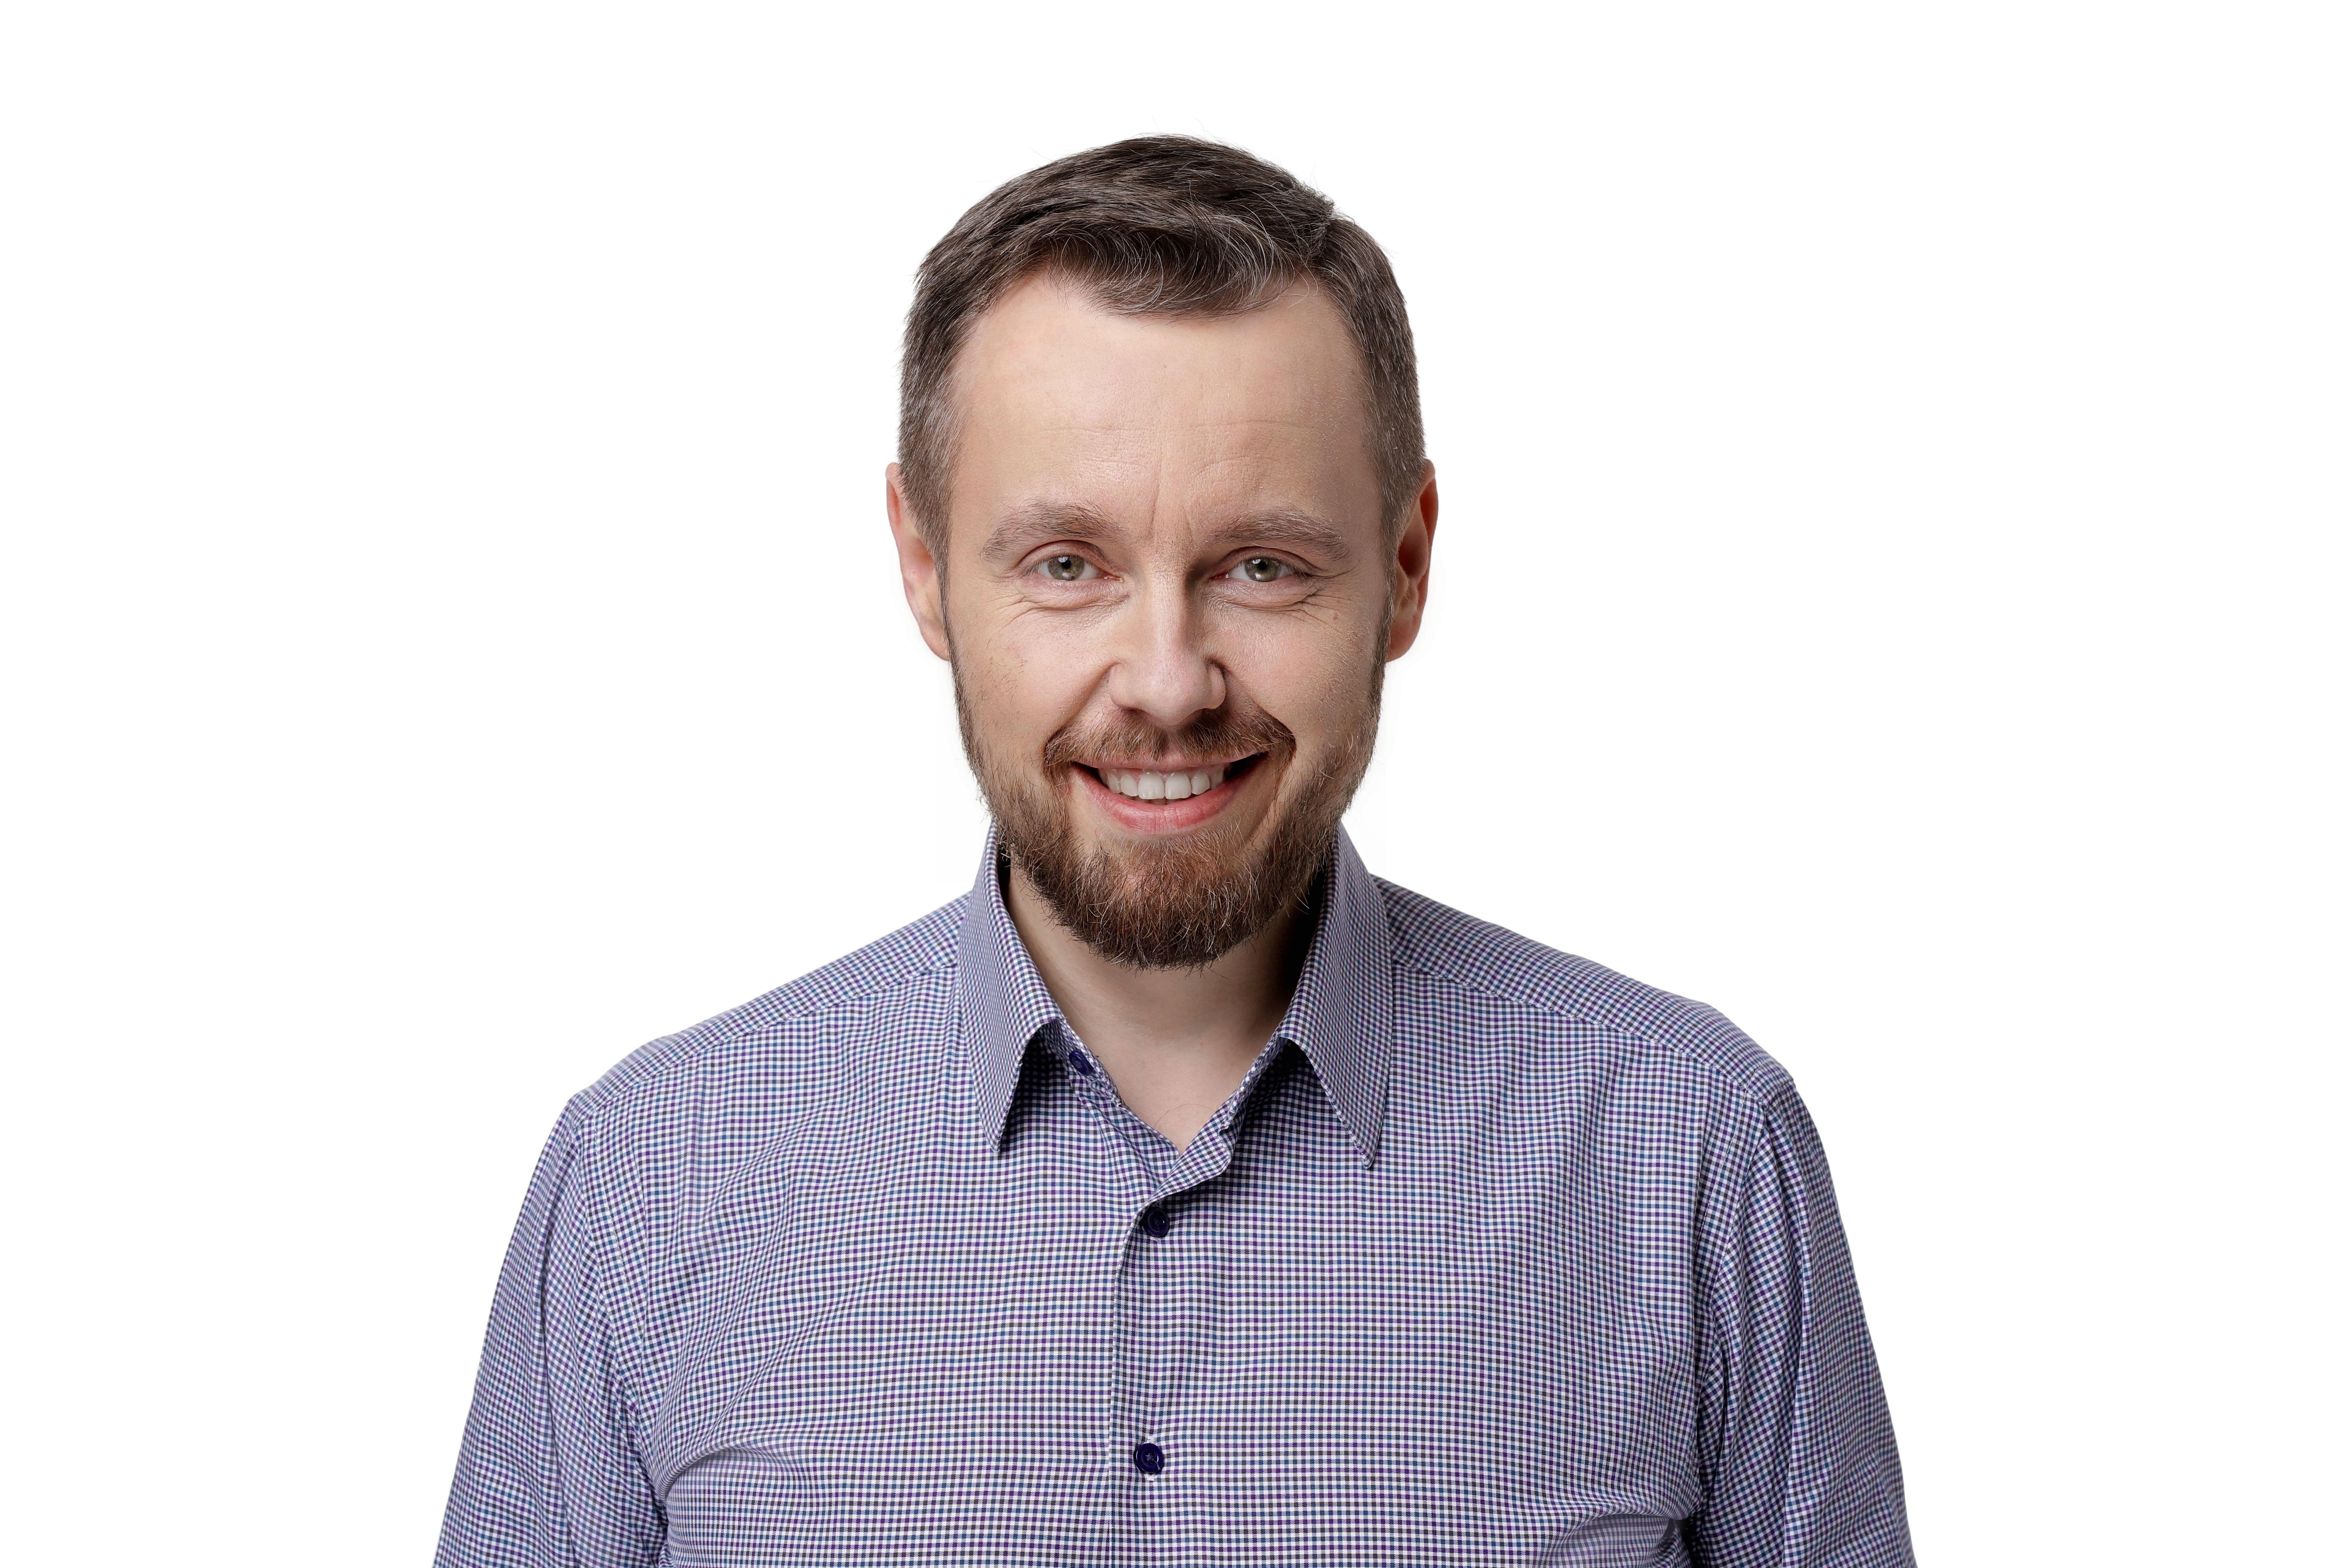 Tomasz Dziobiak